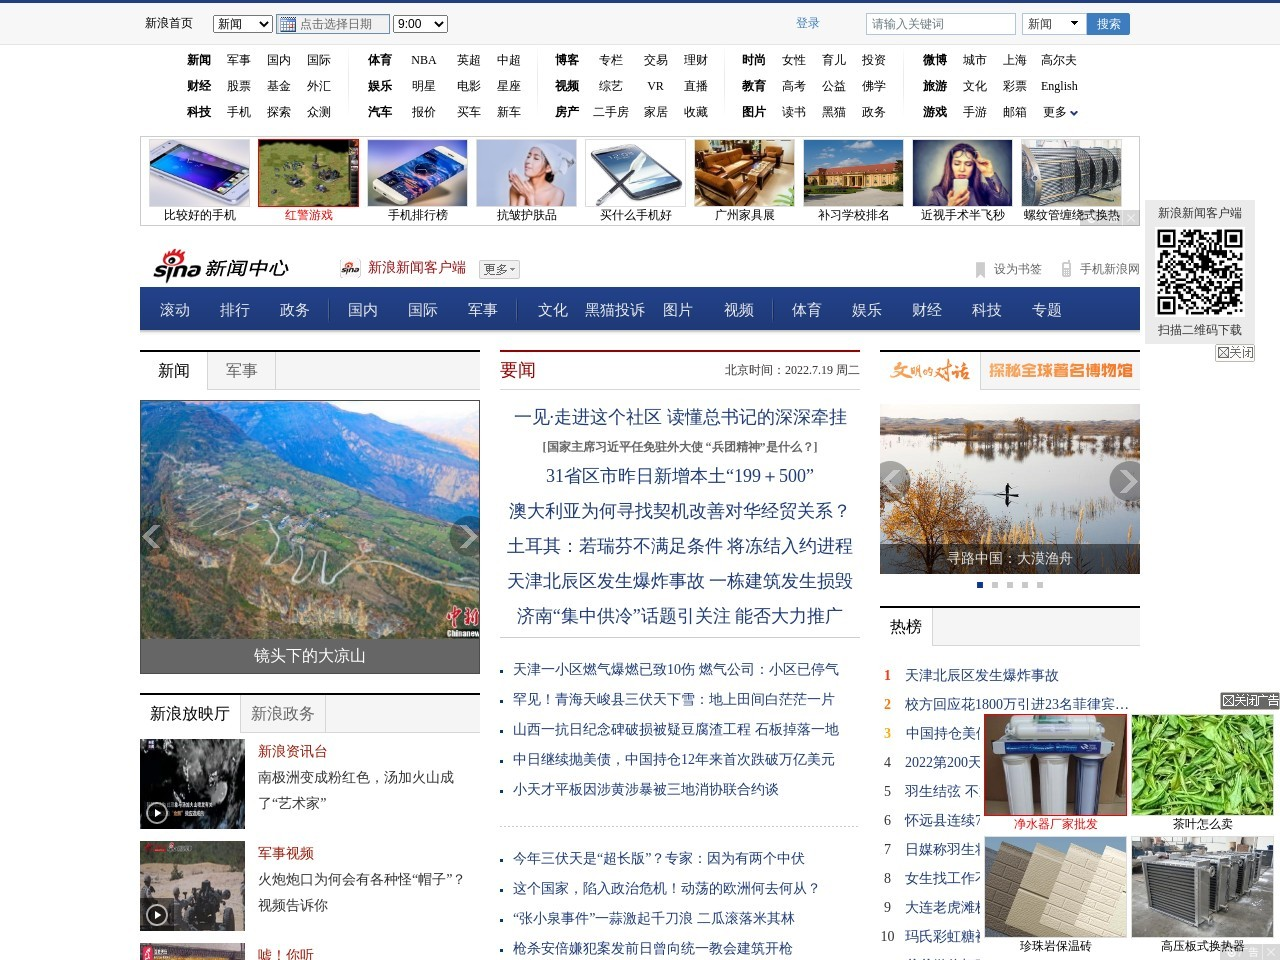 京沪高铁接触网挂异物,部分列车晚点运行|北京|京沪高铁|沧州_新浪新闻